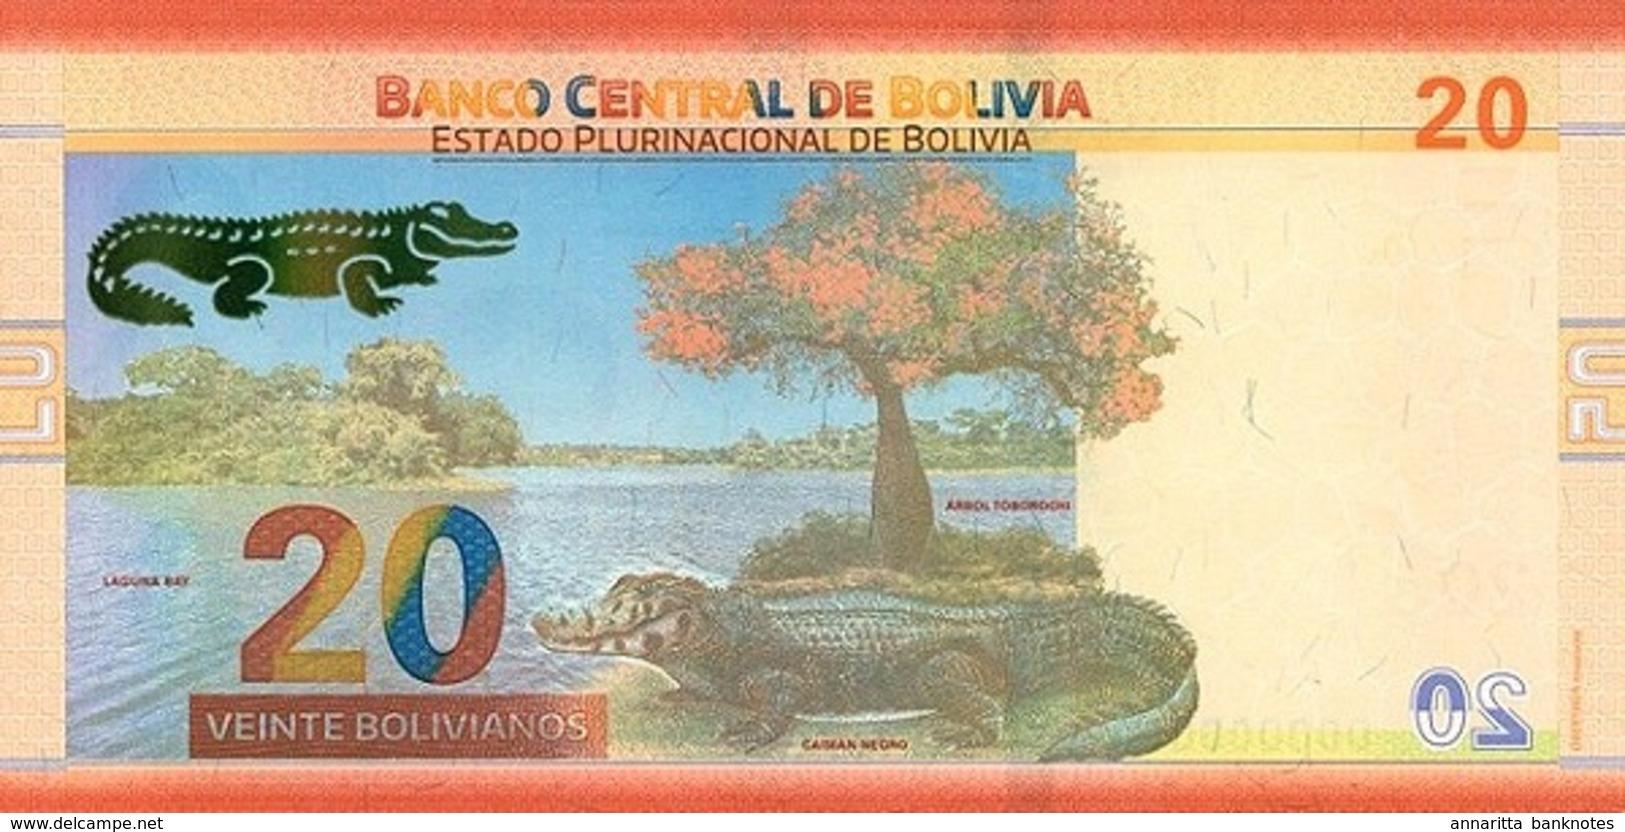 BOLIVIA 20 BOLIVIANOS L.1986 (2018) P-249a UNC [BO249a] - Bolivia